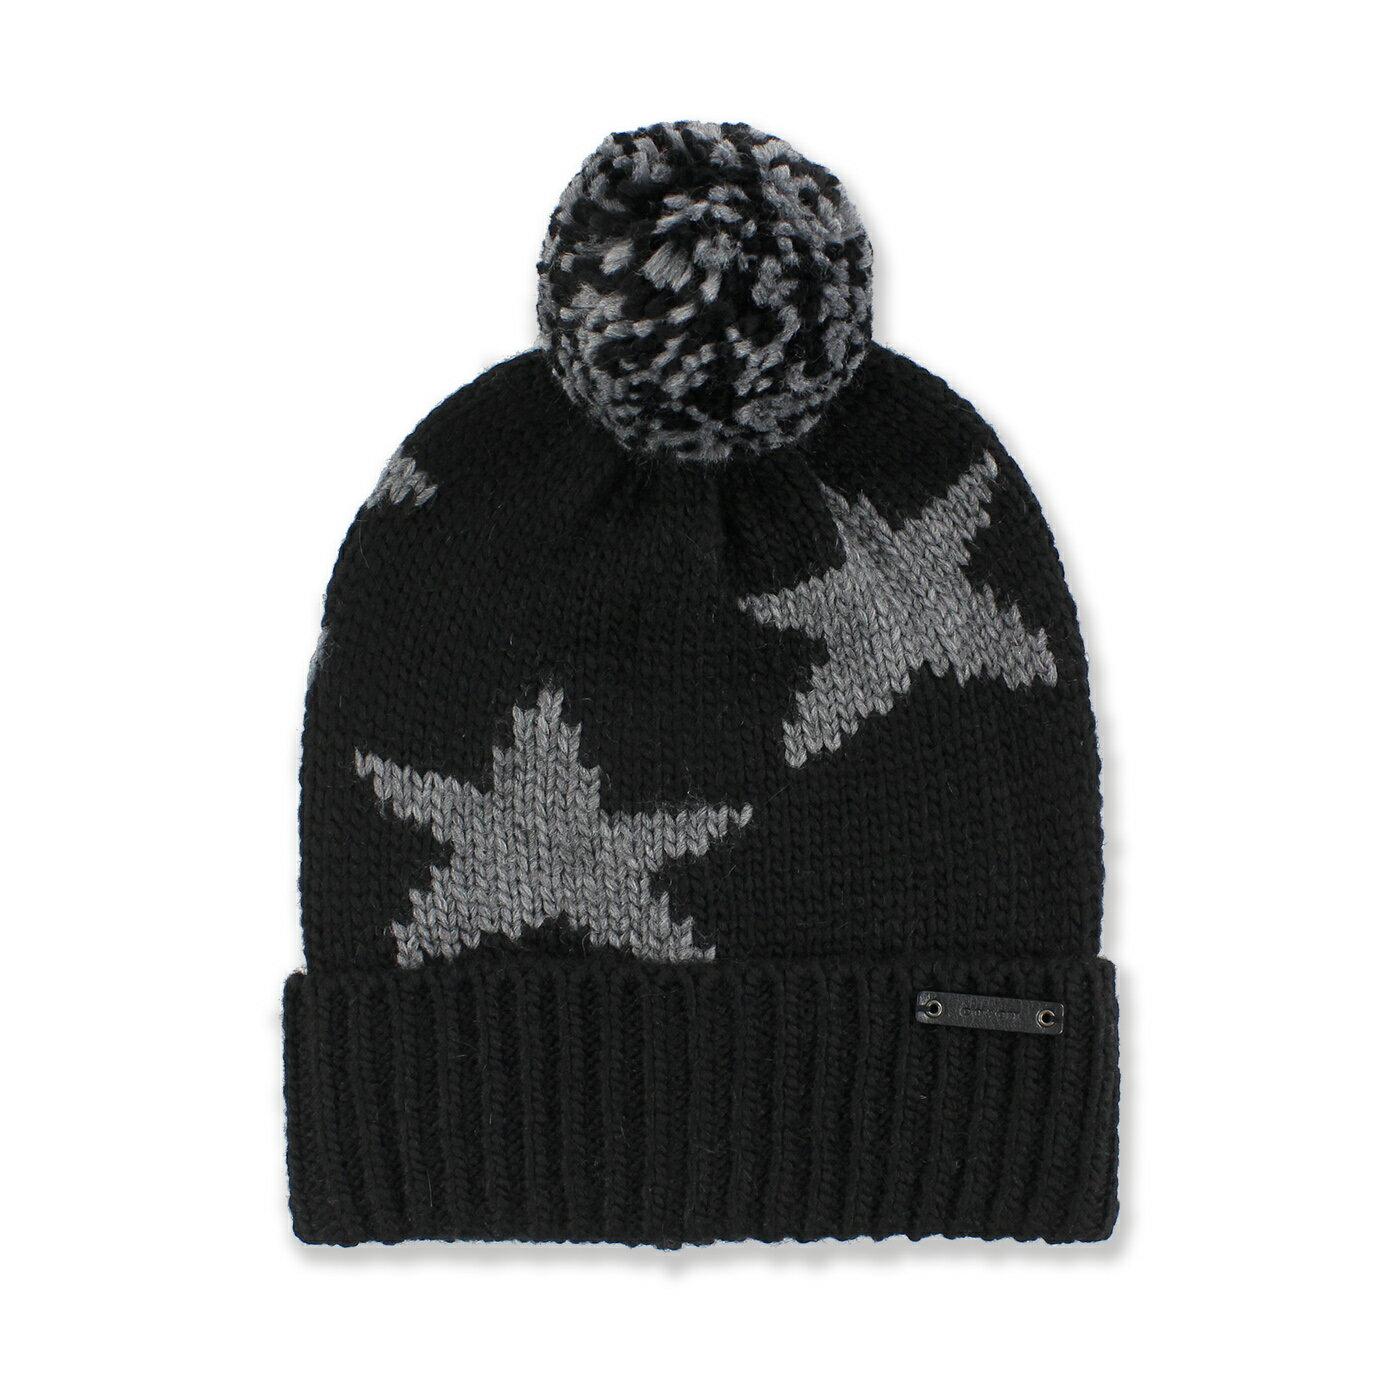 美國百分百【全新真品】COACH 毛帽 針織帽 帽子 配件 毛線帽 86023 保暖 羊毛 星星 男 黑色 G091